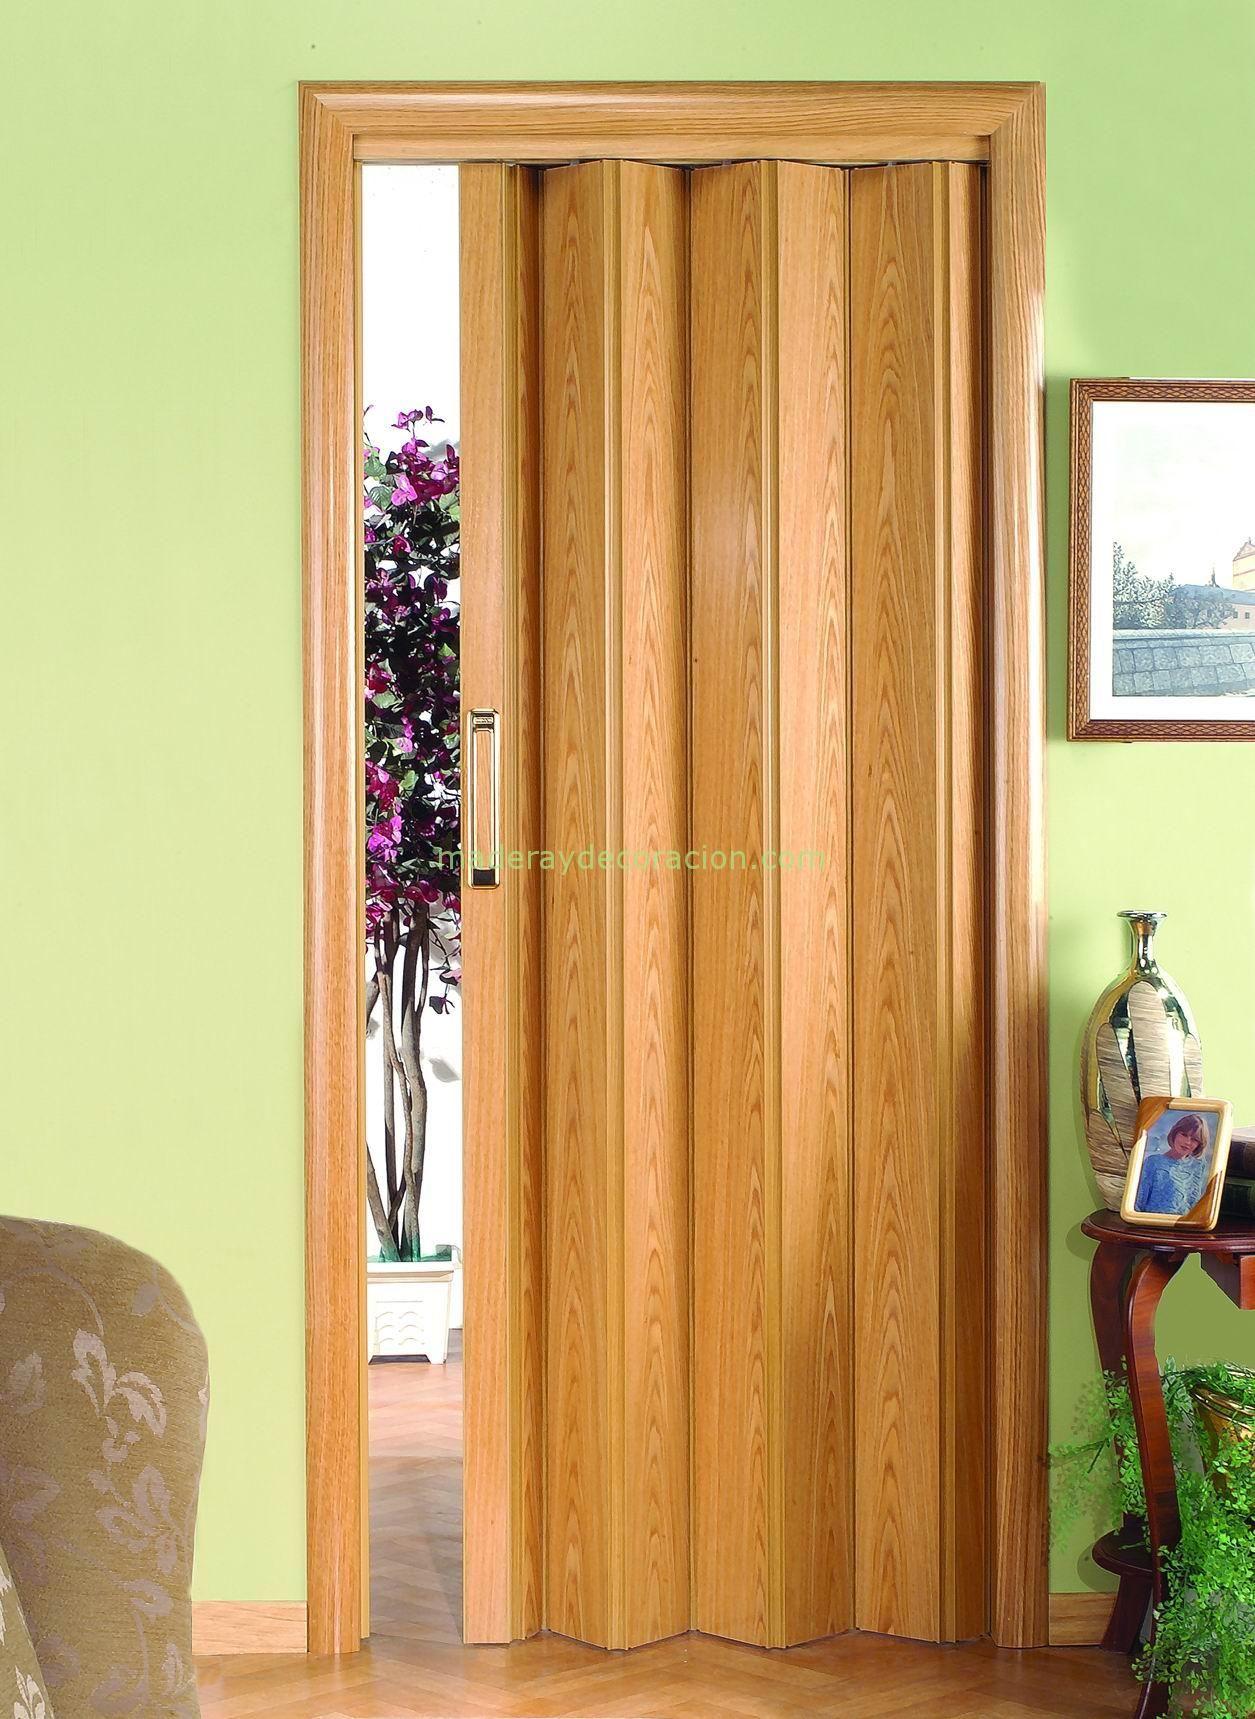 Resultado de imagen para puertas plegables de madera for Ideas de puertas corredizas